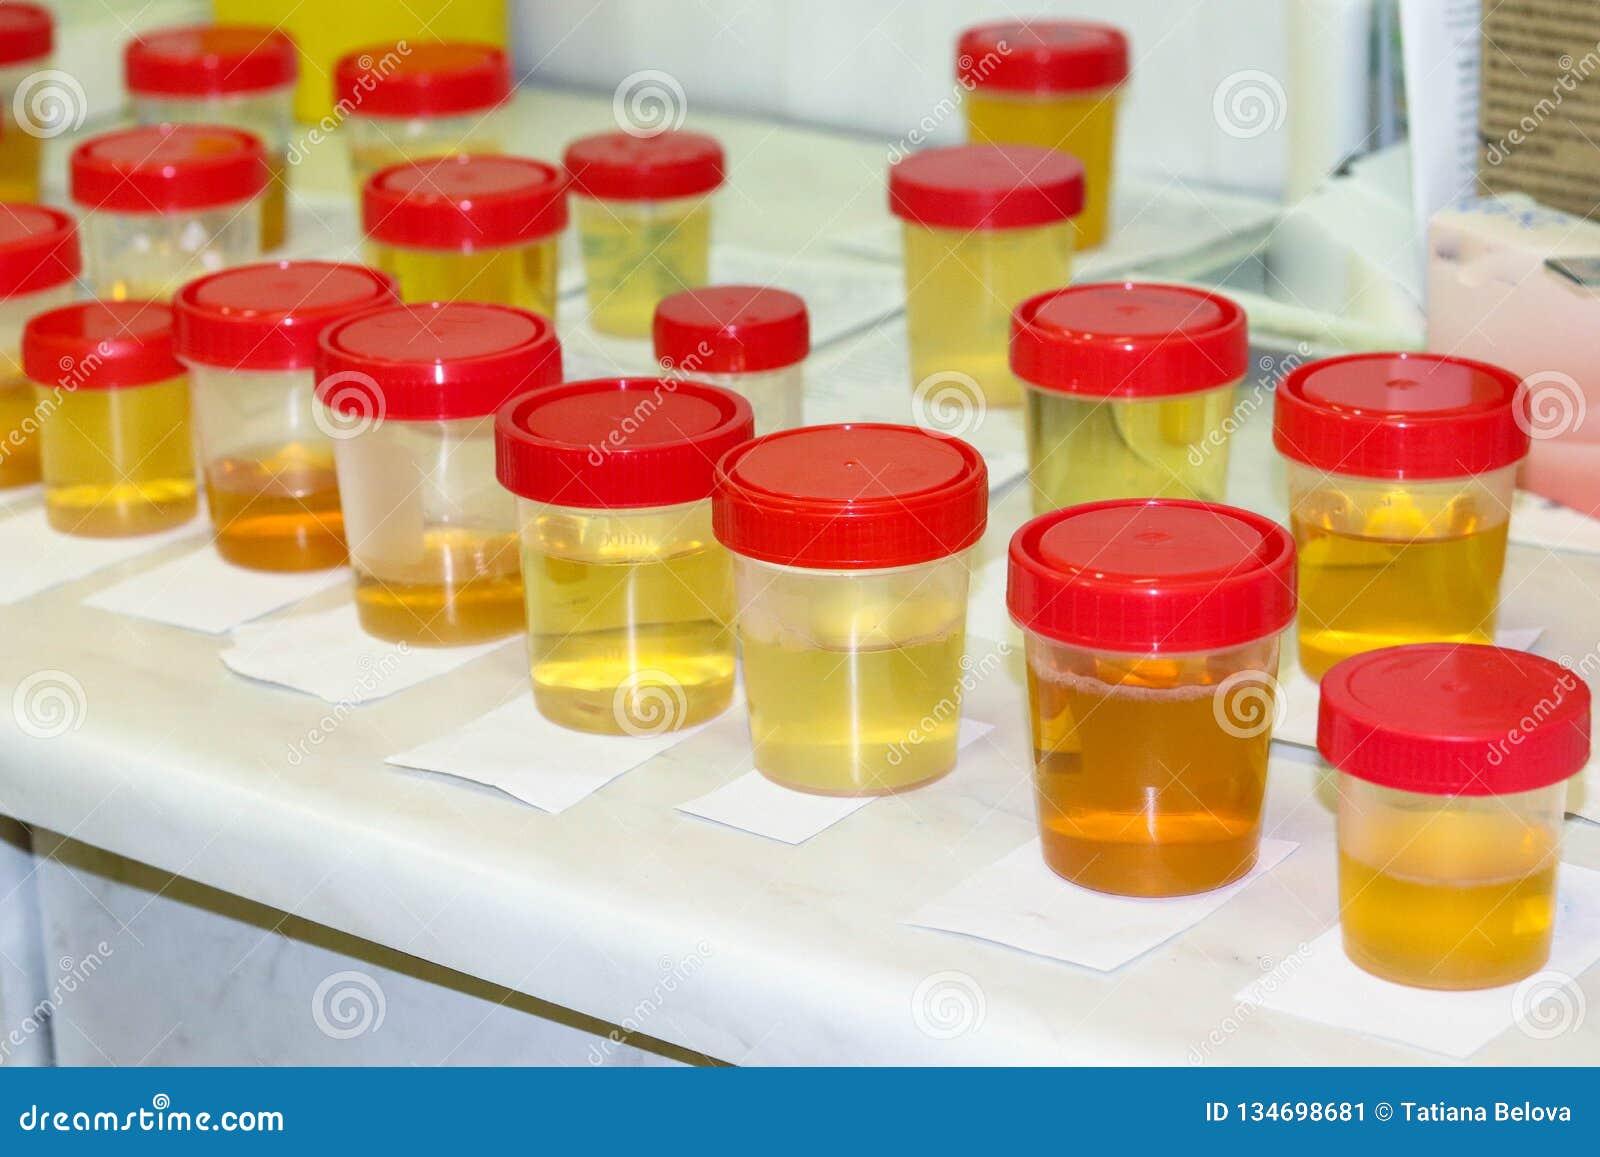 Προετοιμασία των δειγμάτων ούρων στο εργαστήριο στο νοσοκομείο για τη μελέτη Ειδικές λουρίδες δοκιμής για την εξέταση ούρων